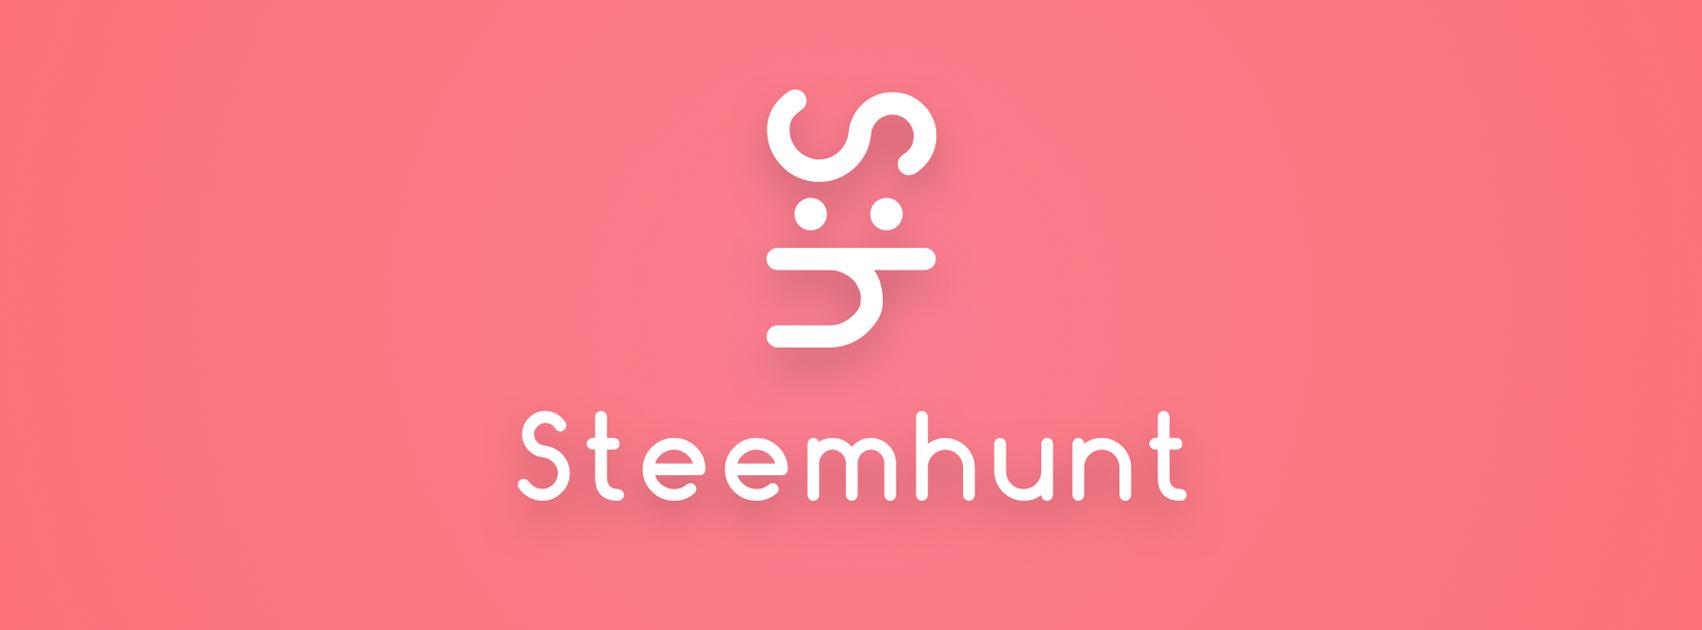 Steemhunt -